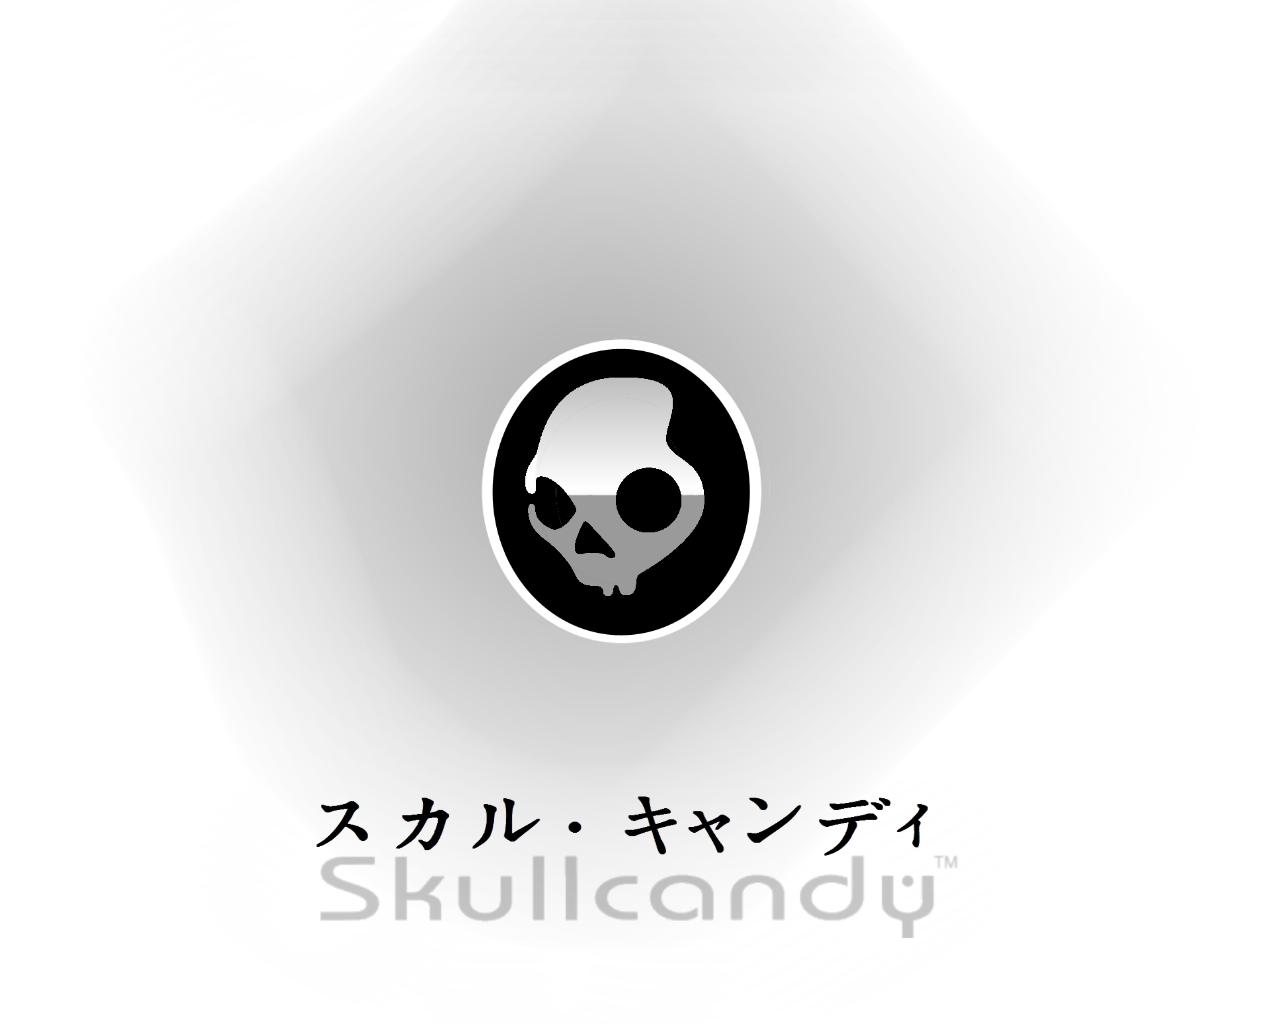 Vehemence Graphic Design Skullcandy Wallpaper